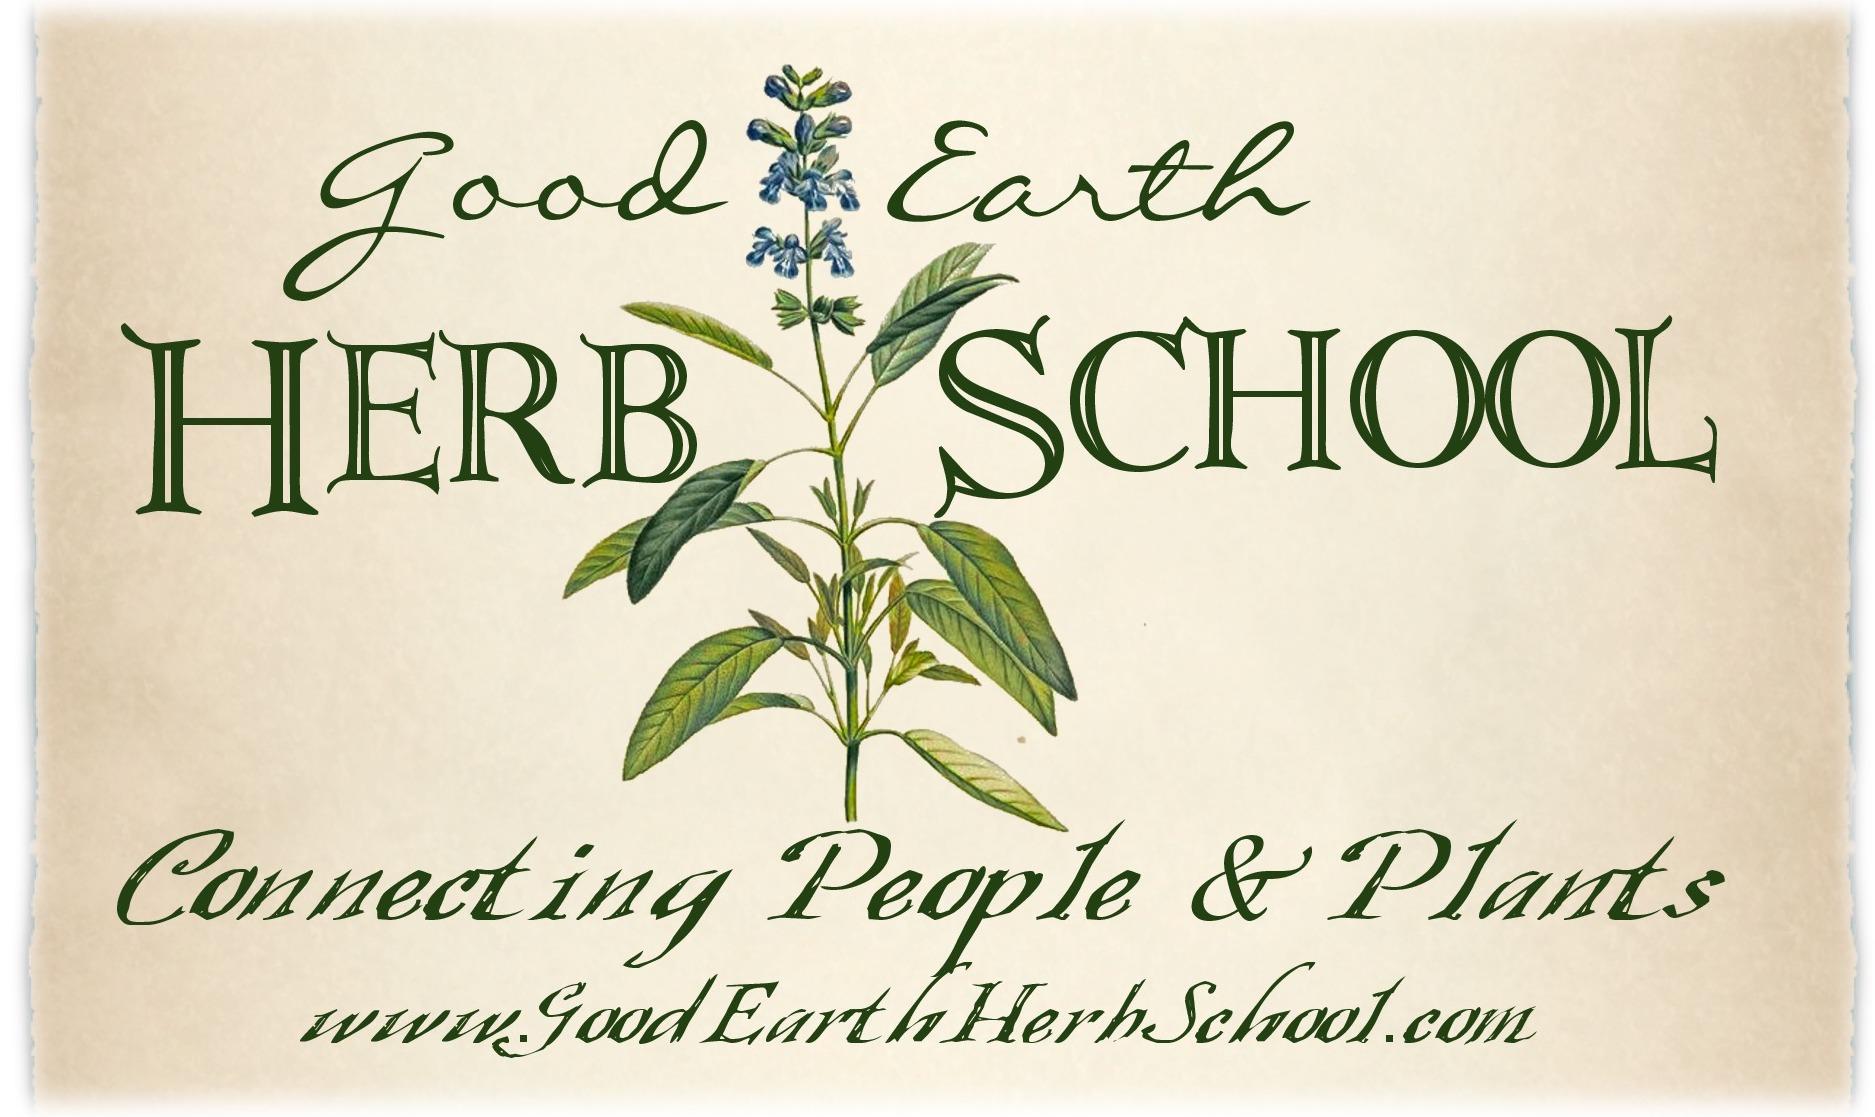 GoodEarthHerbSchool.jpg